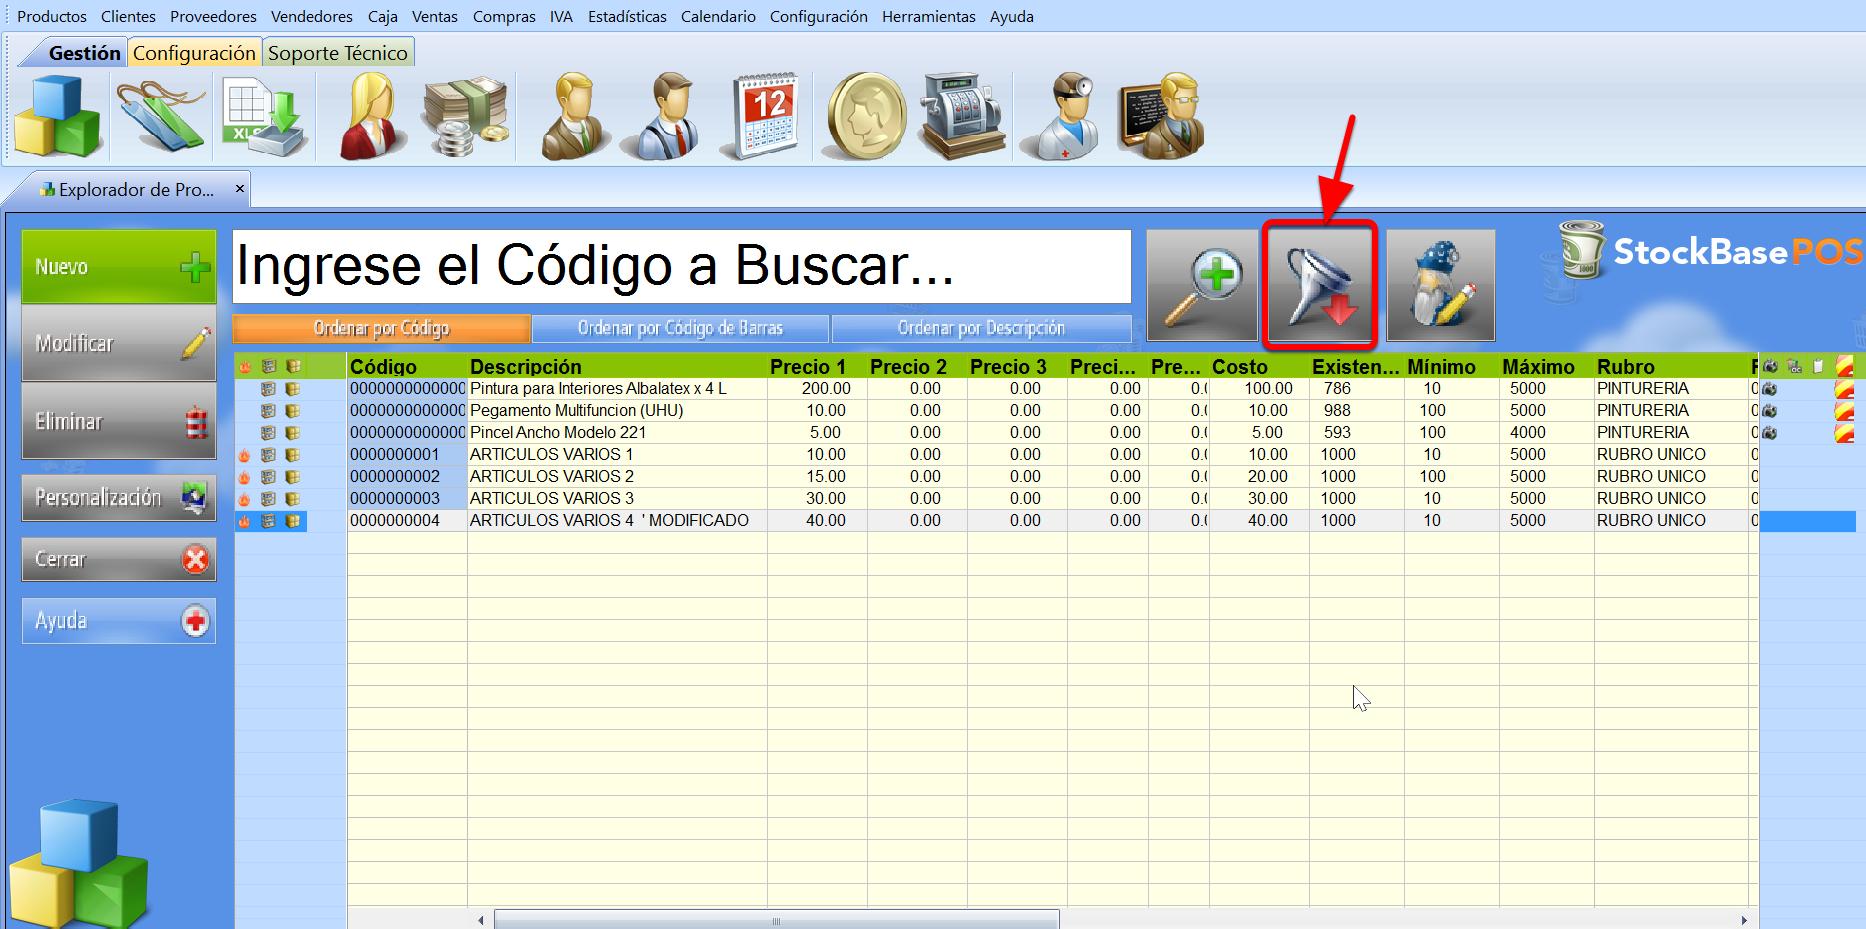 Botón Filtro de Registros permite visualizar de manera personalizada sólo los registros que nos interesan